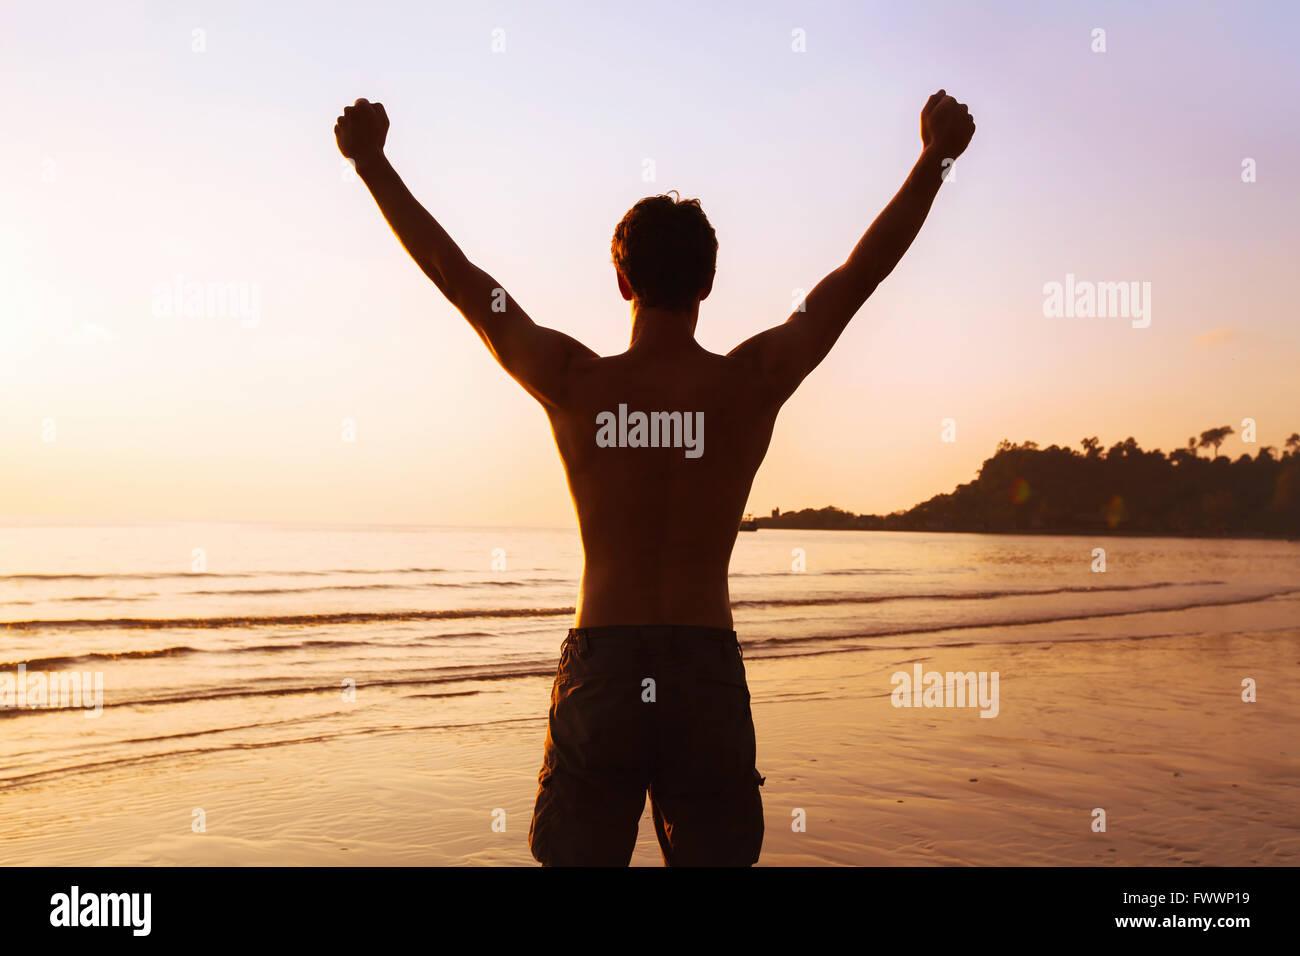 Sport-Hintergrund, Silhouette des starken sportlichen Mann auf dem Strand, Sieger oder Leistung Konzept Stockbild